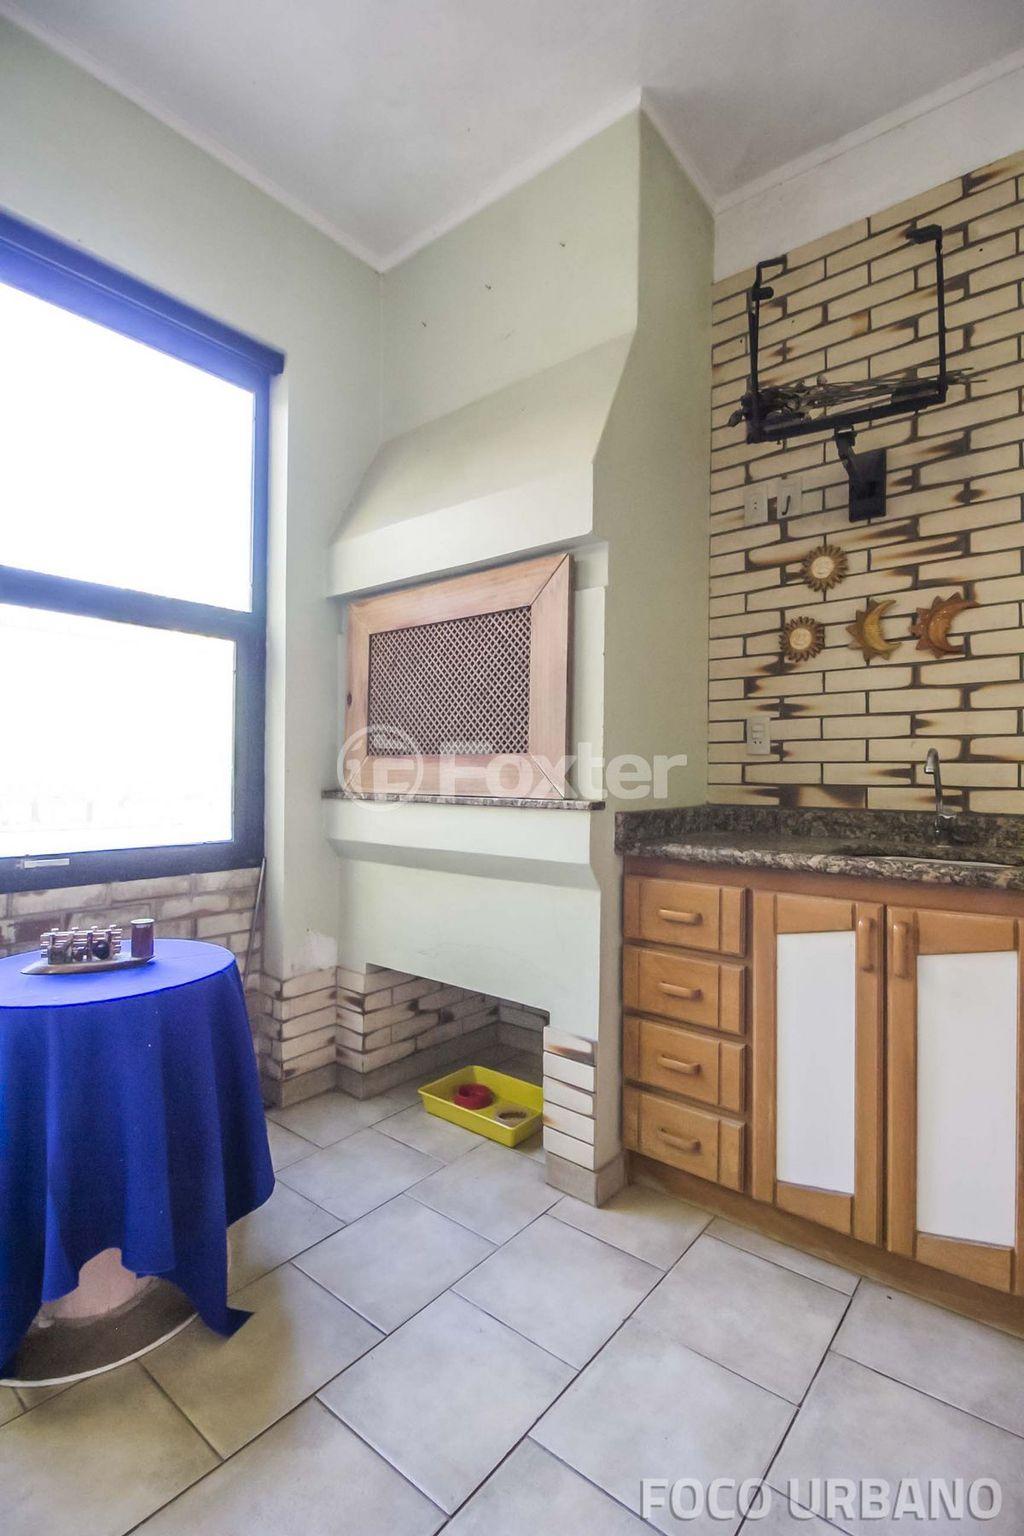 Casa 4 Dorm, Rubem Berta, Porto Alegre (141272) - Foto 44